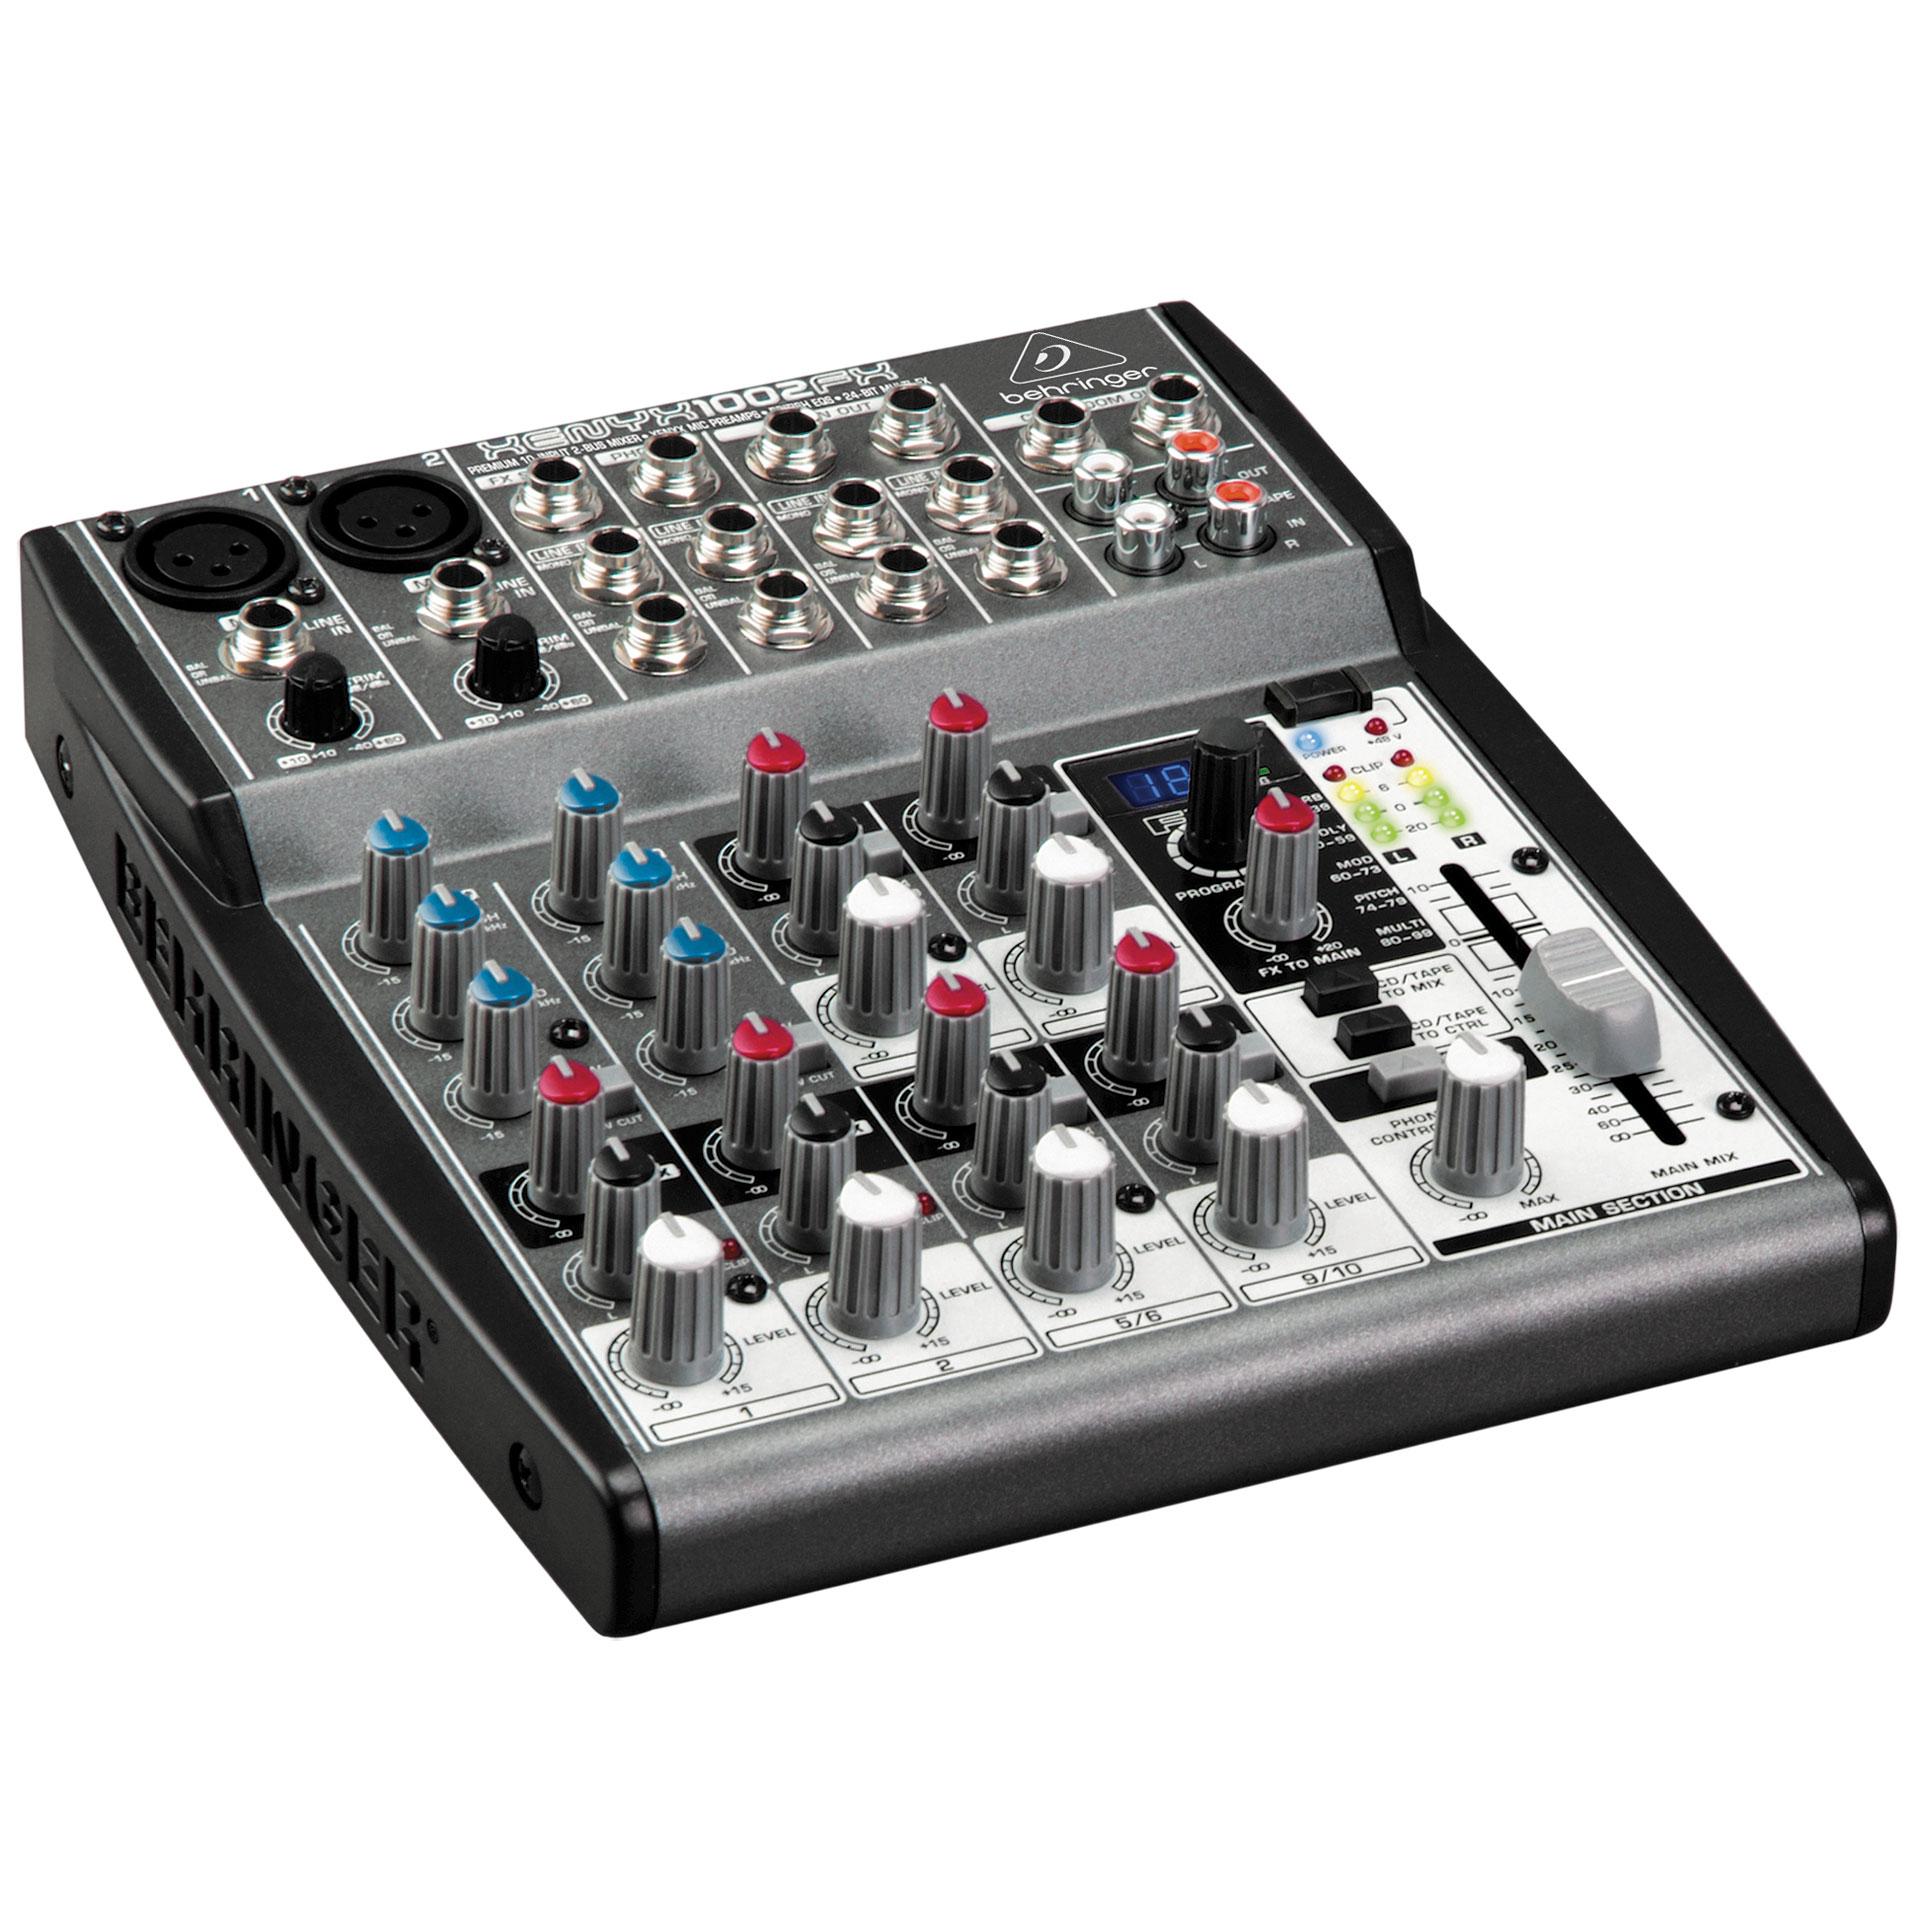 Behringer xenyx 1002fx mesa de mezclas for Media markt mesa de mezclas